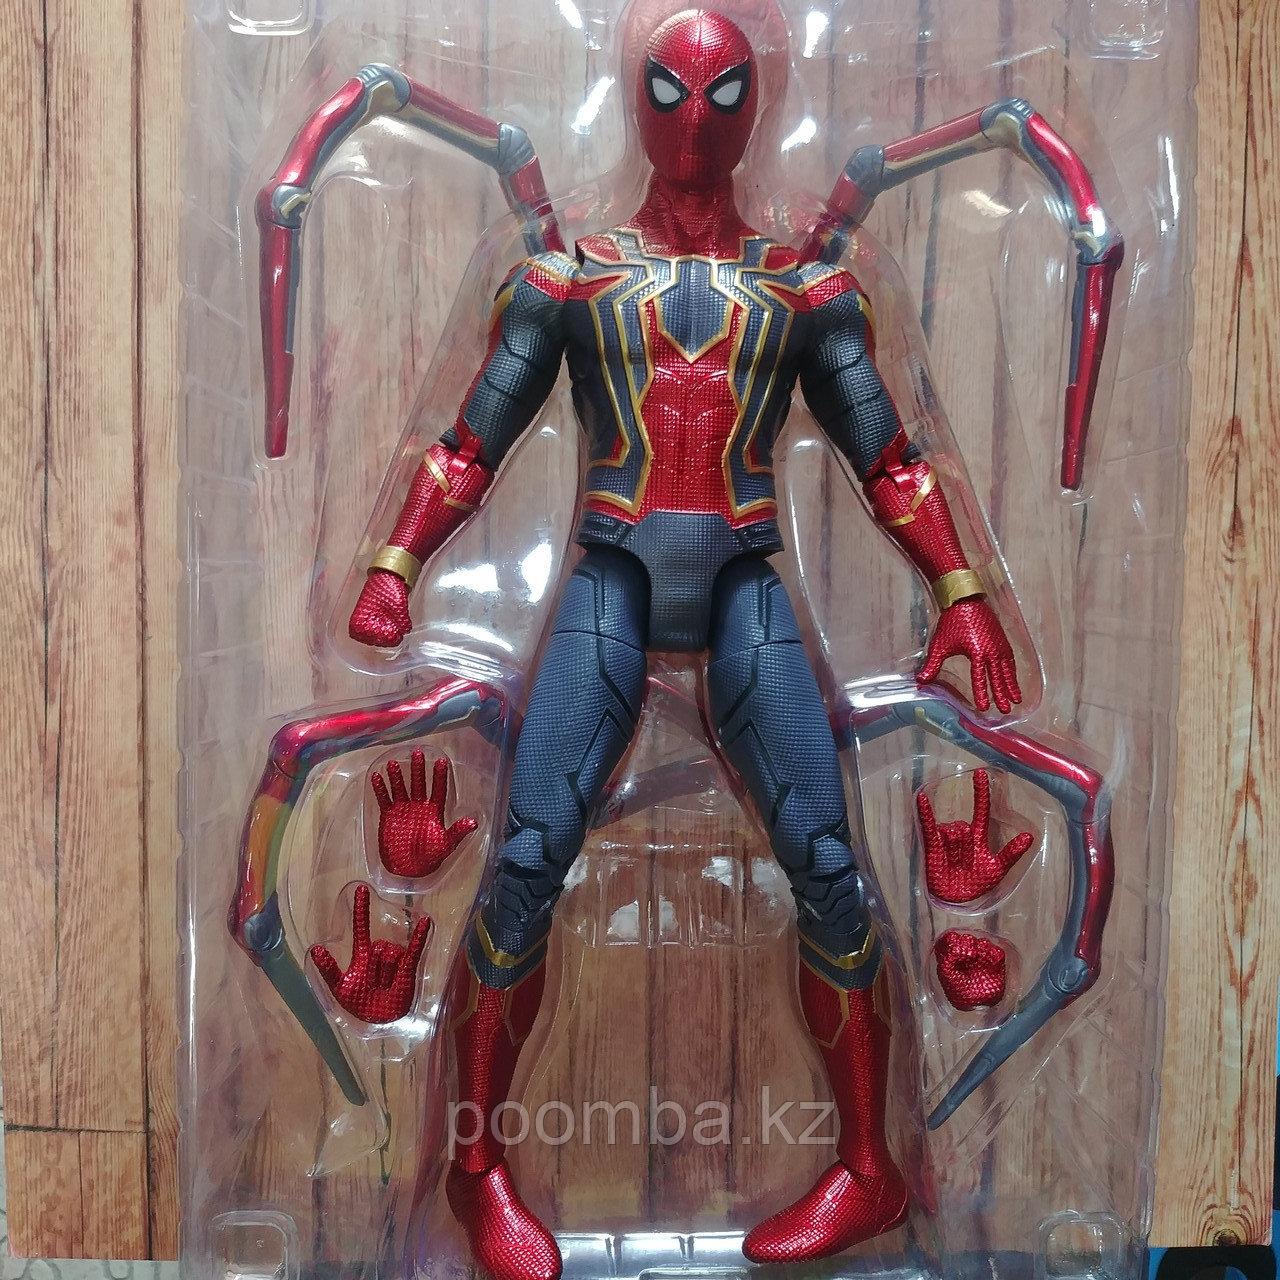 Игрушка Супер Герой Человек Паук (Спайдер мэн) 35 см